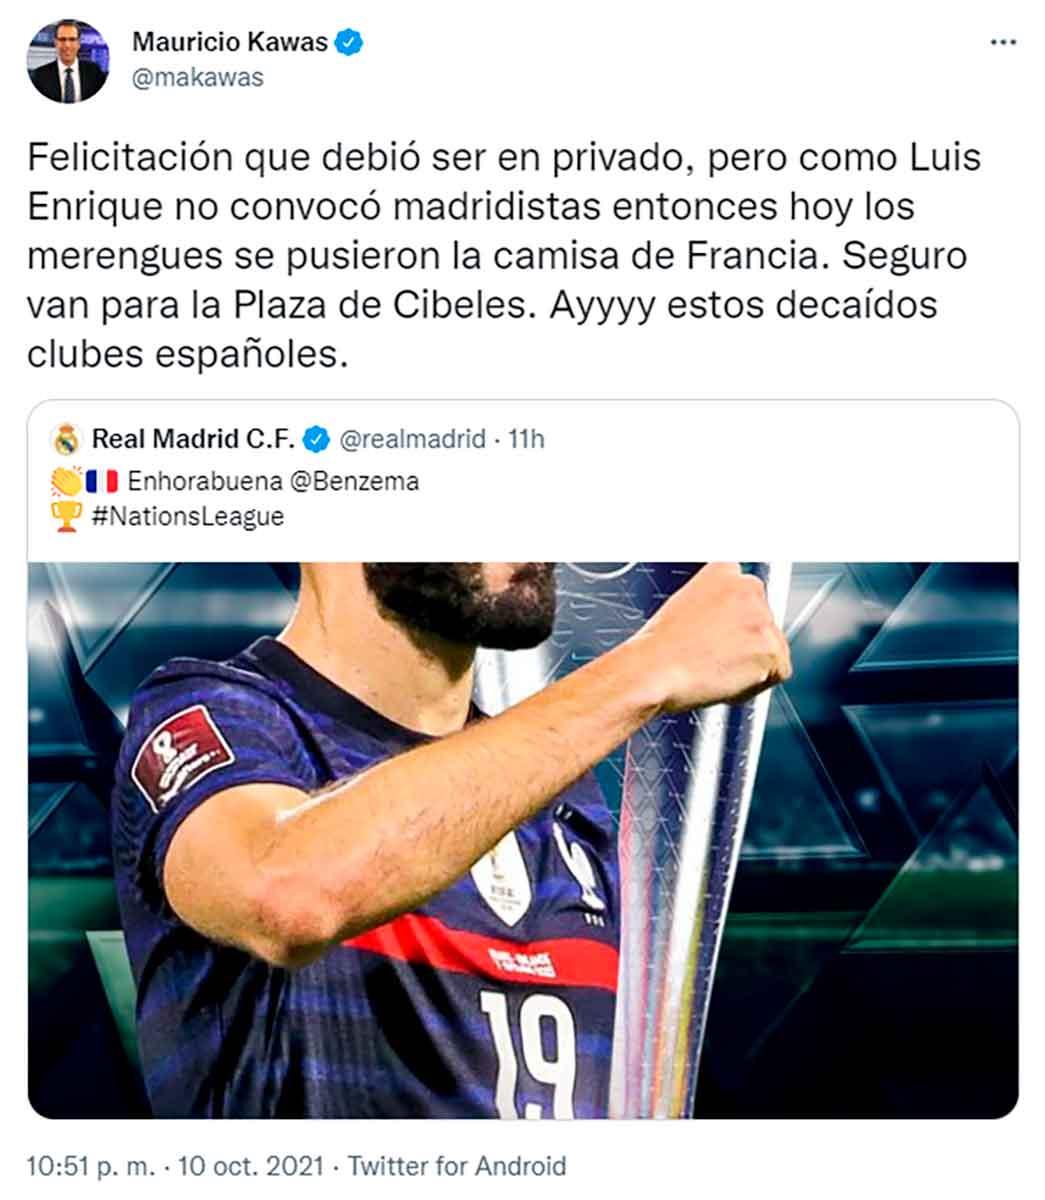 Tuit Mario Kawas